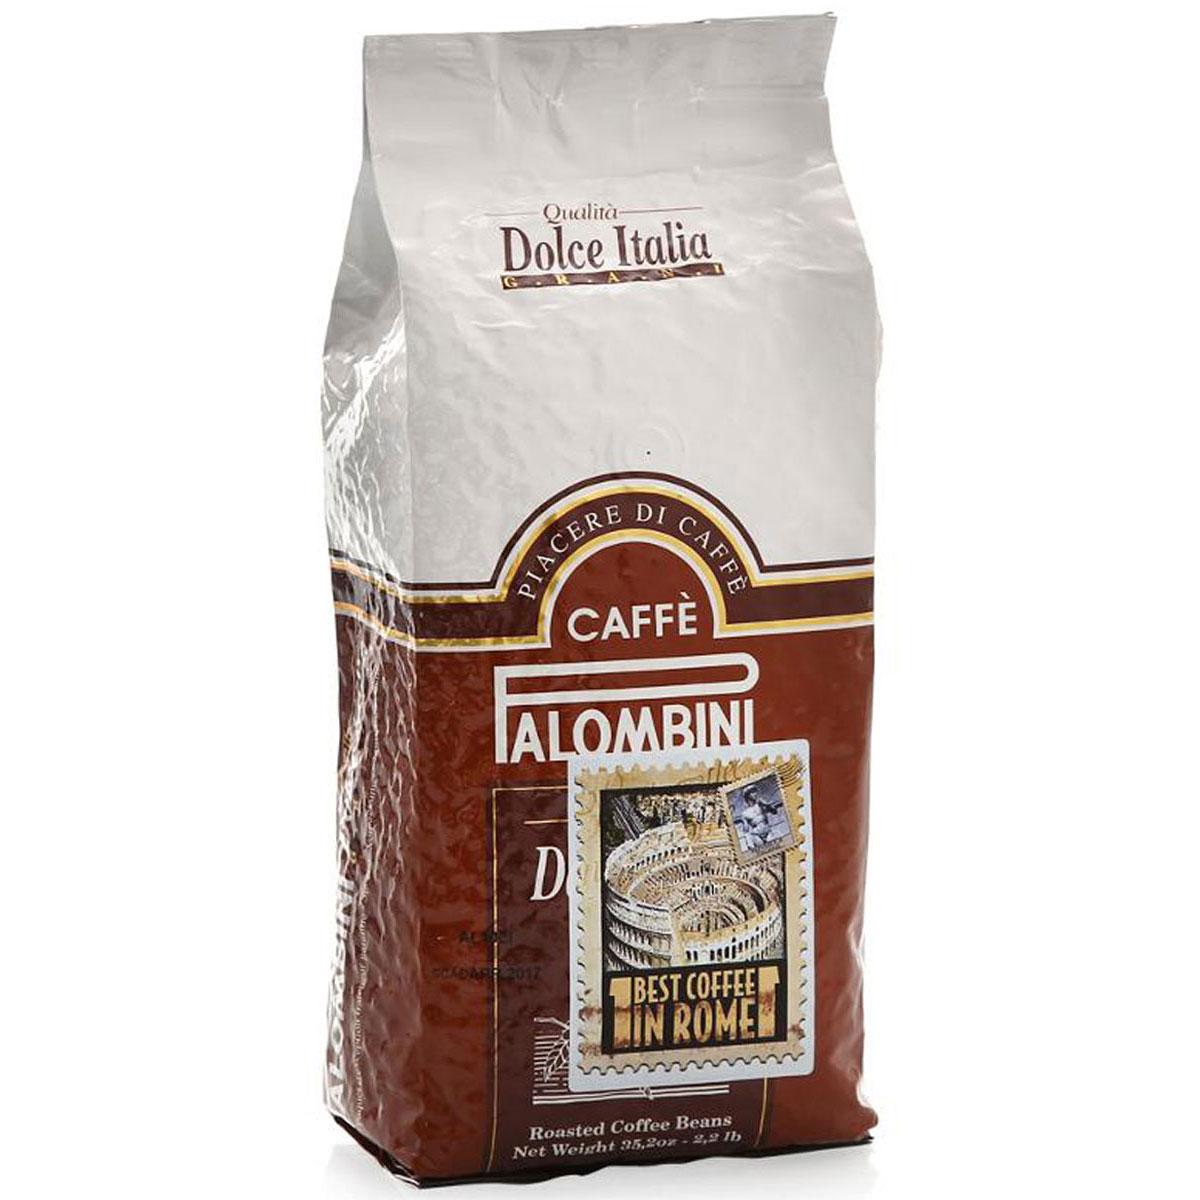 Palombini Dolce Italia кофе в зернах, 1 кг8000070020108Натуральный жареный кофе в зернах Palombini Dolce Italia, высшего сорта. Избранный знатоками вид кофейного многообразия. Идеальный вкус создан специально для влюбленных в кофе. Смесь содержит 95% арабики и 5% робусты.